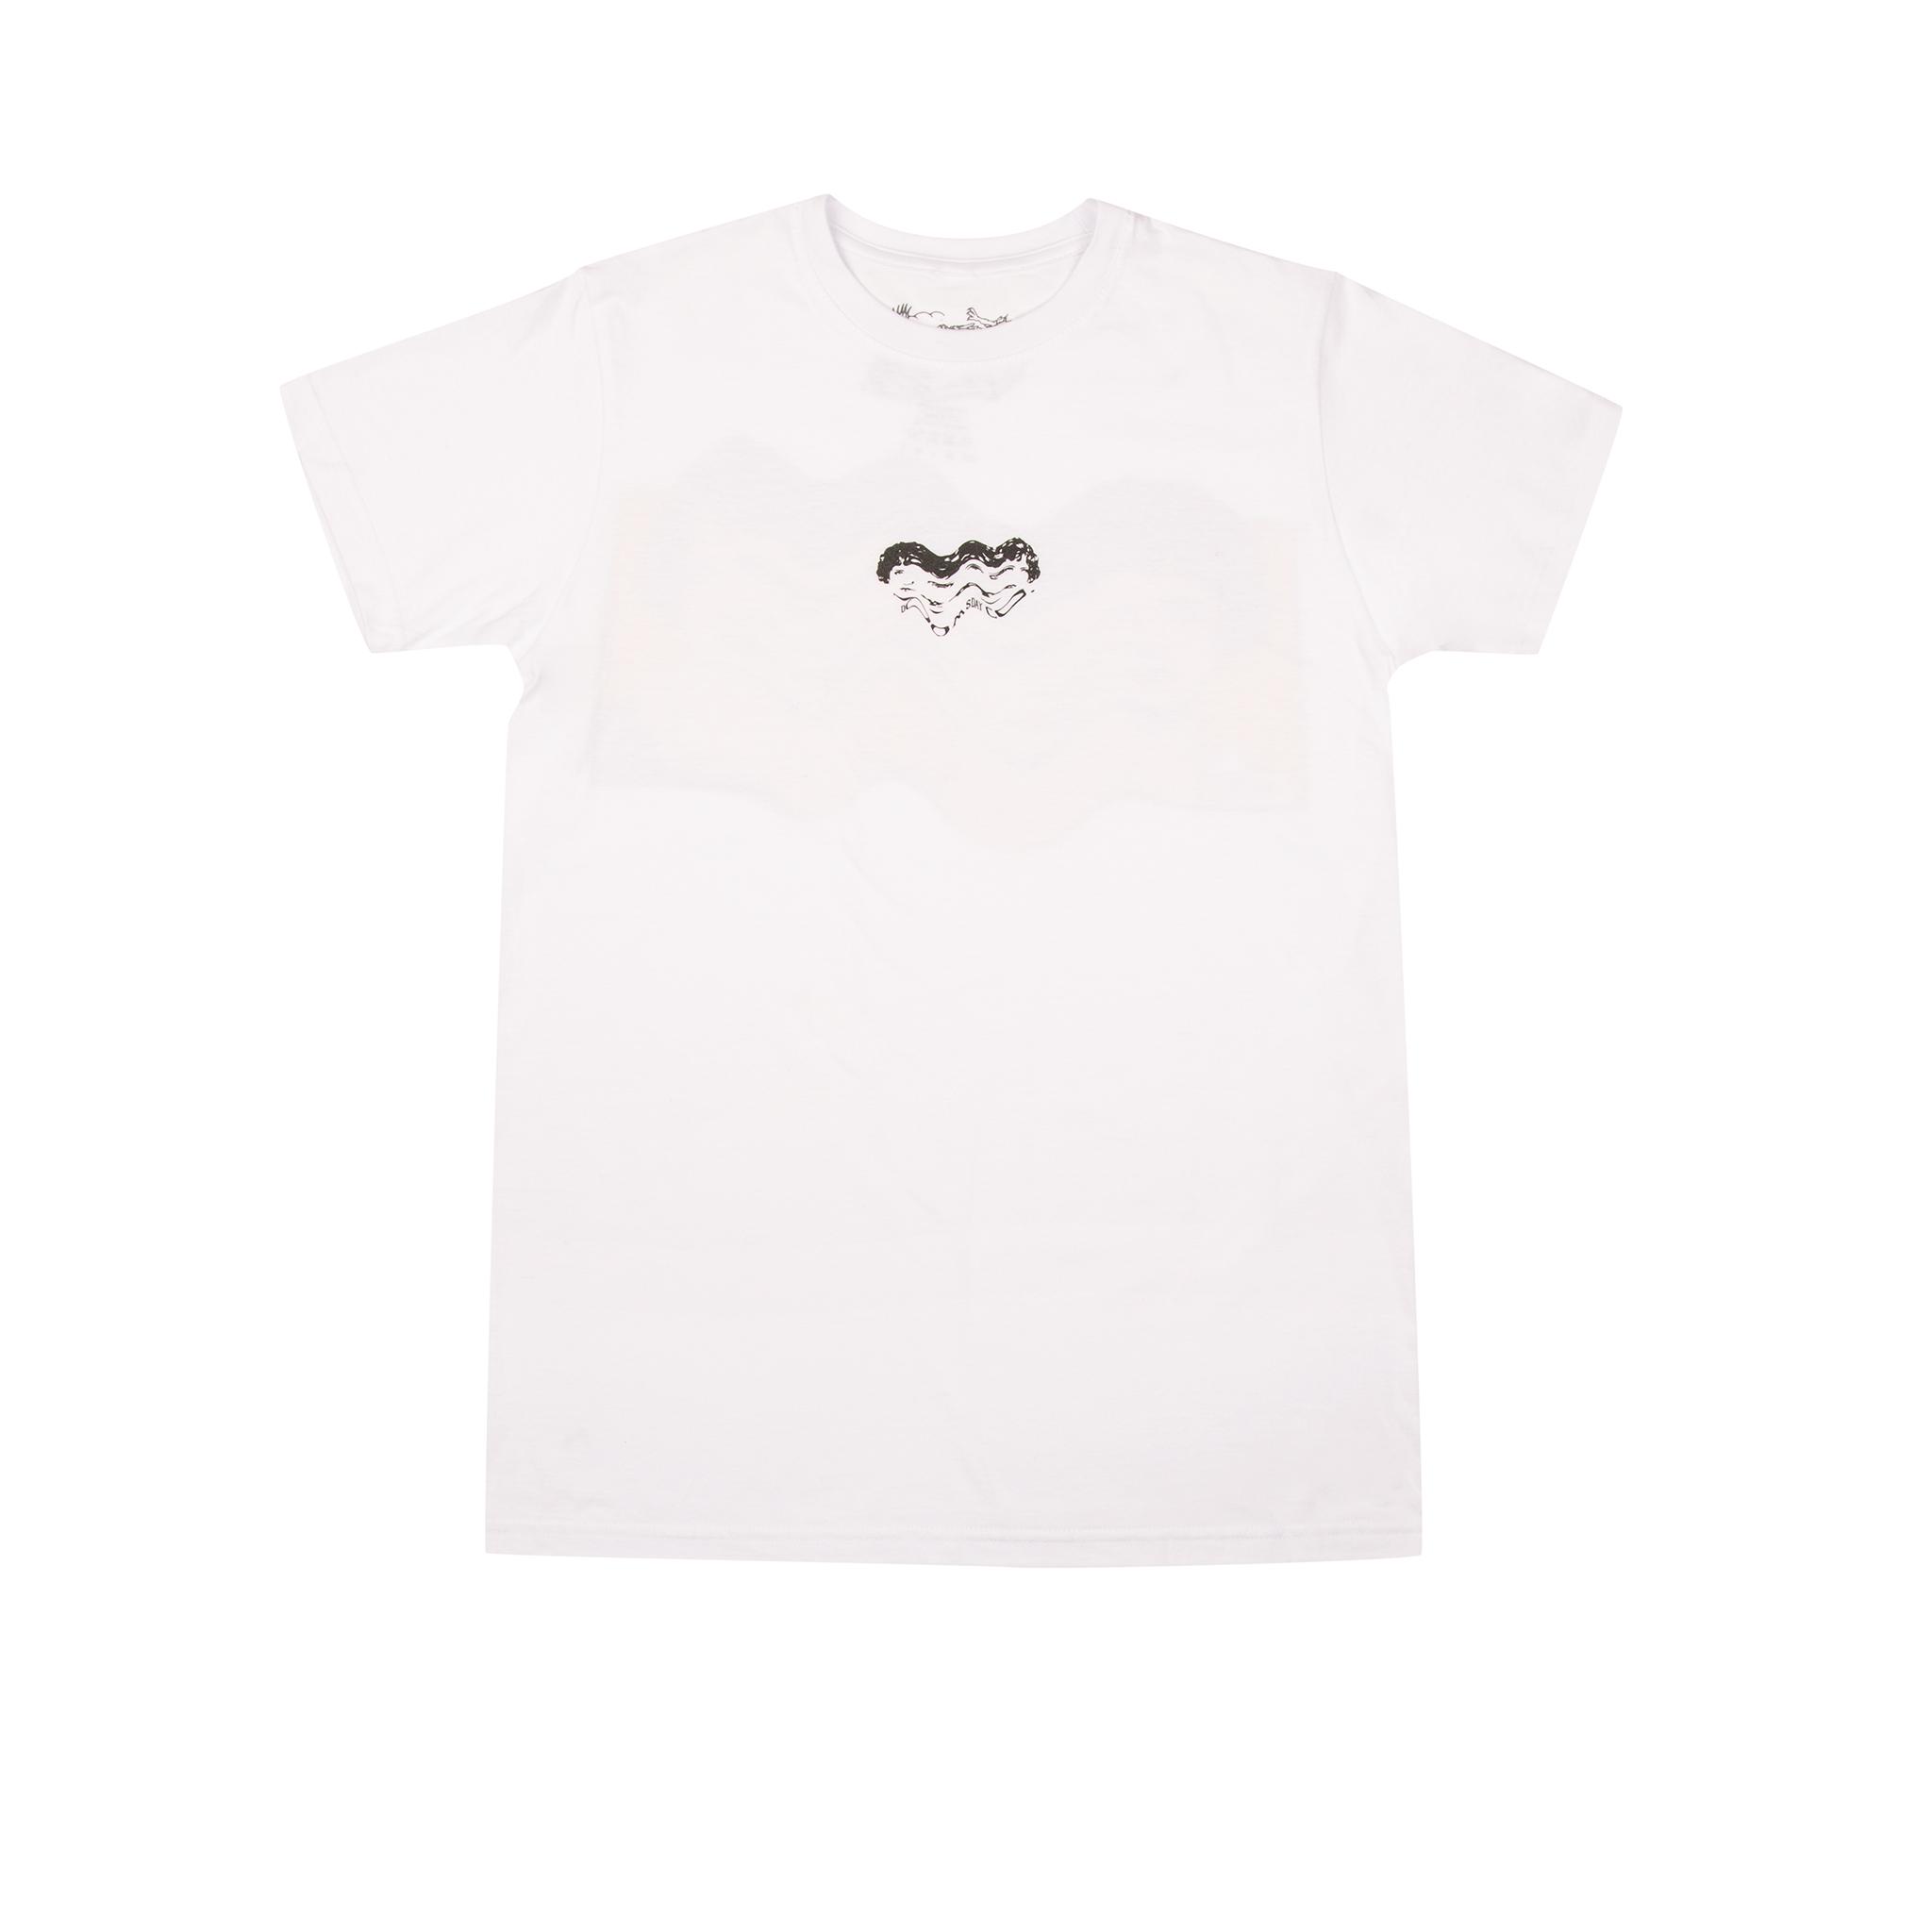 t-shirt 7 front.jpg